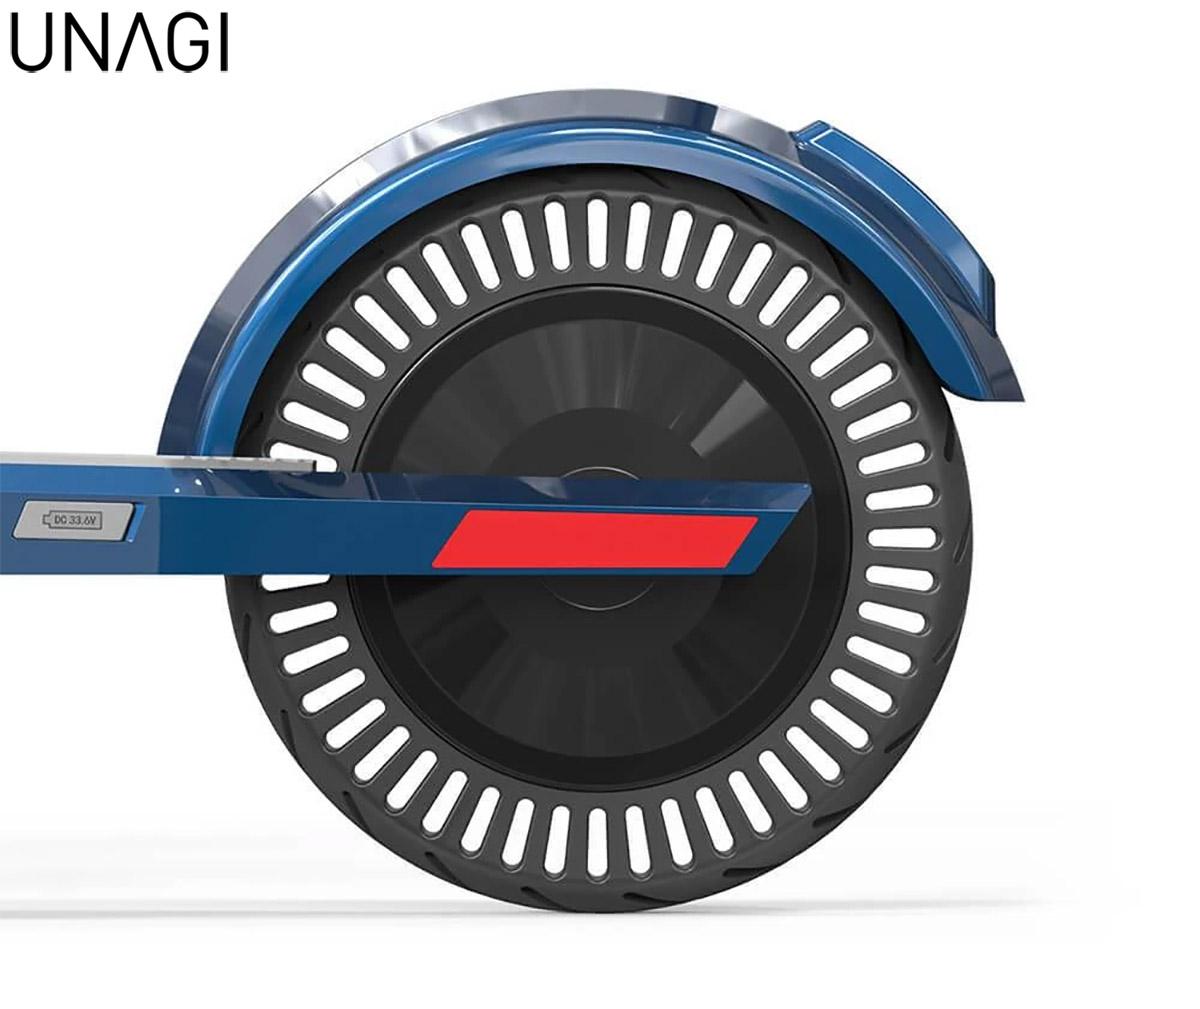 Il motore montato sul monopattino Unagi The Model One 2020